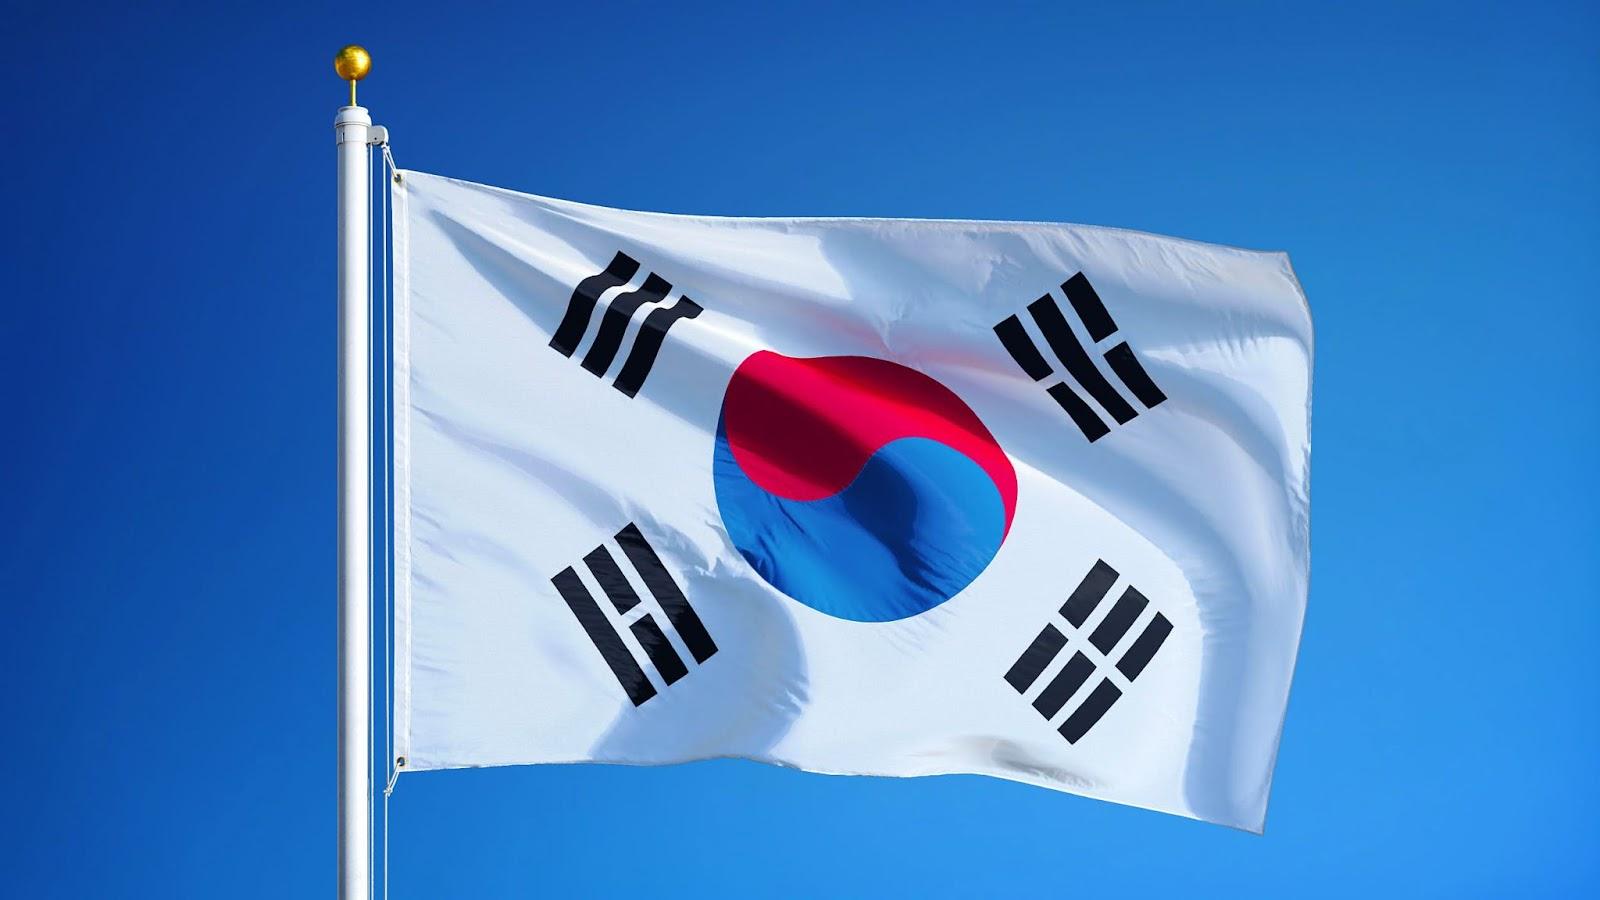 Báo giá phí ship hàng từ Hàn quốc về Việt Nam mới nhất 2021